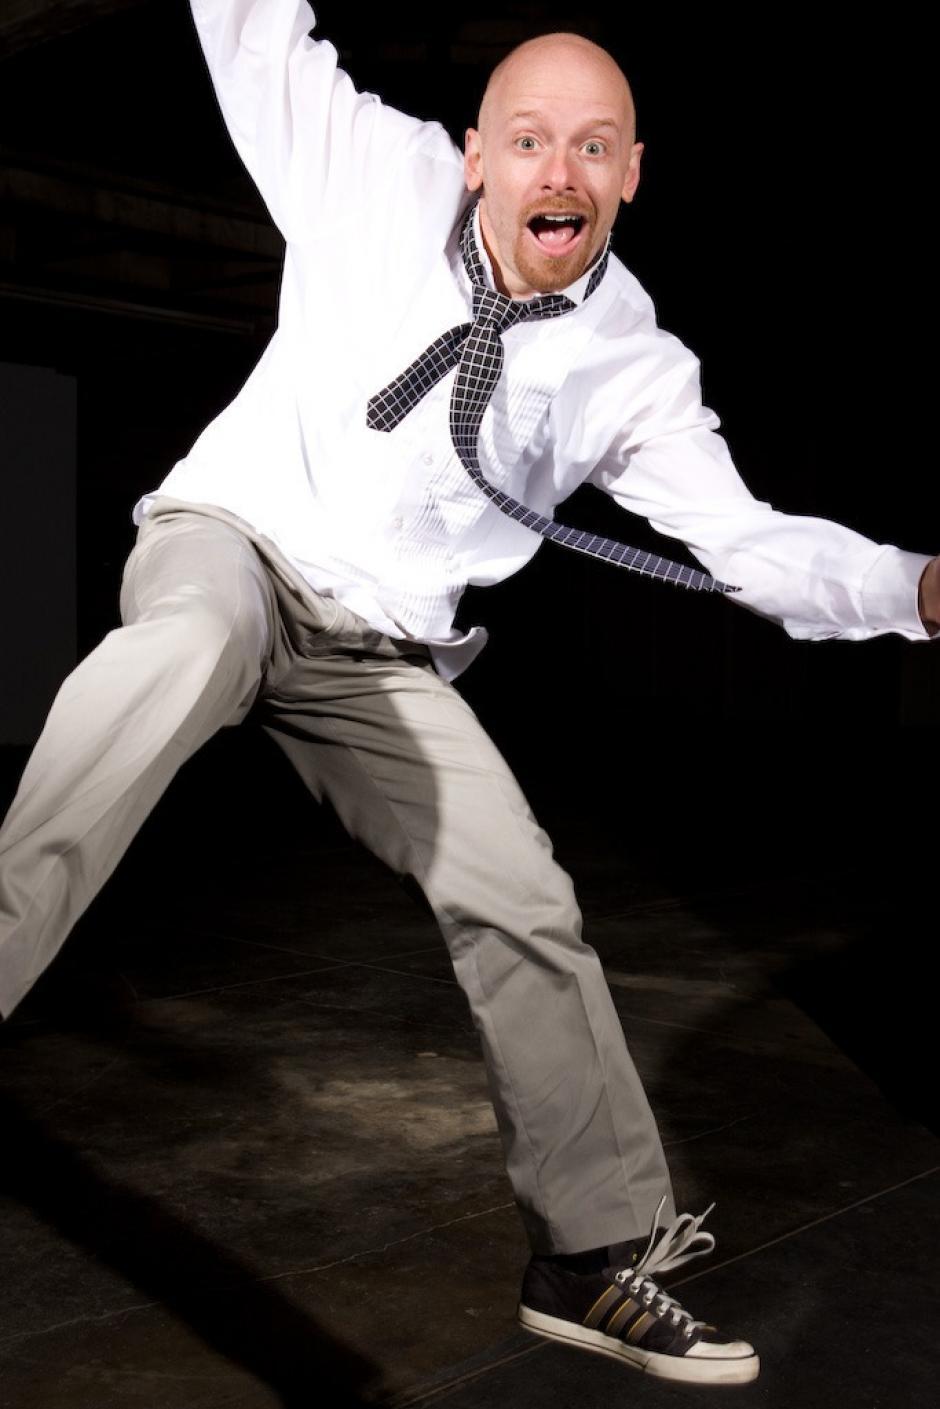 Desde 2011 Zimbler 2011 trabaja para HBO, aunque no como actor, sino como diseñador de software. (Foto: mashable.com)